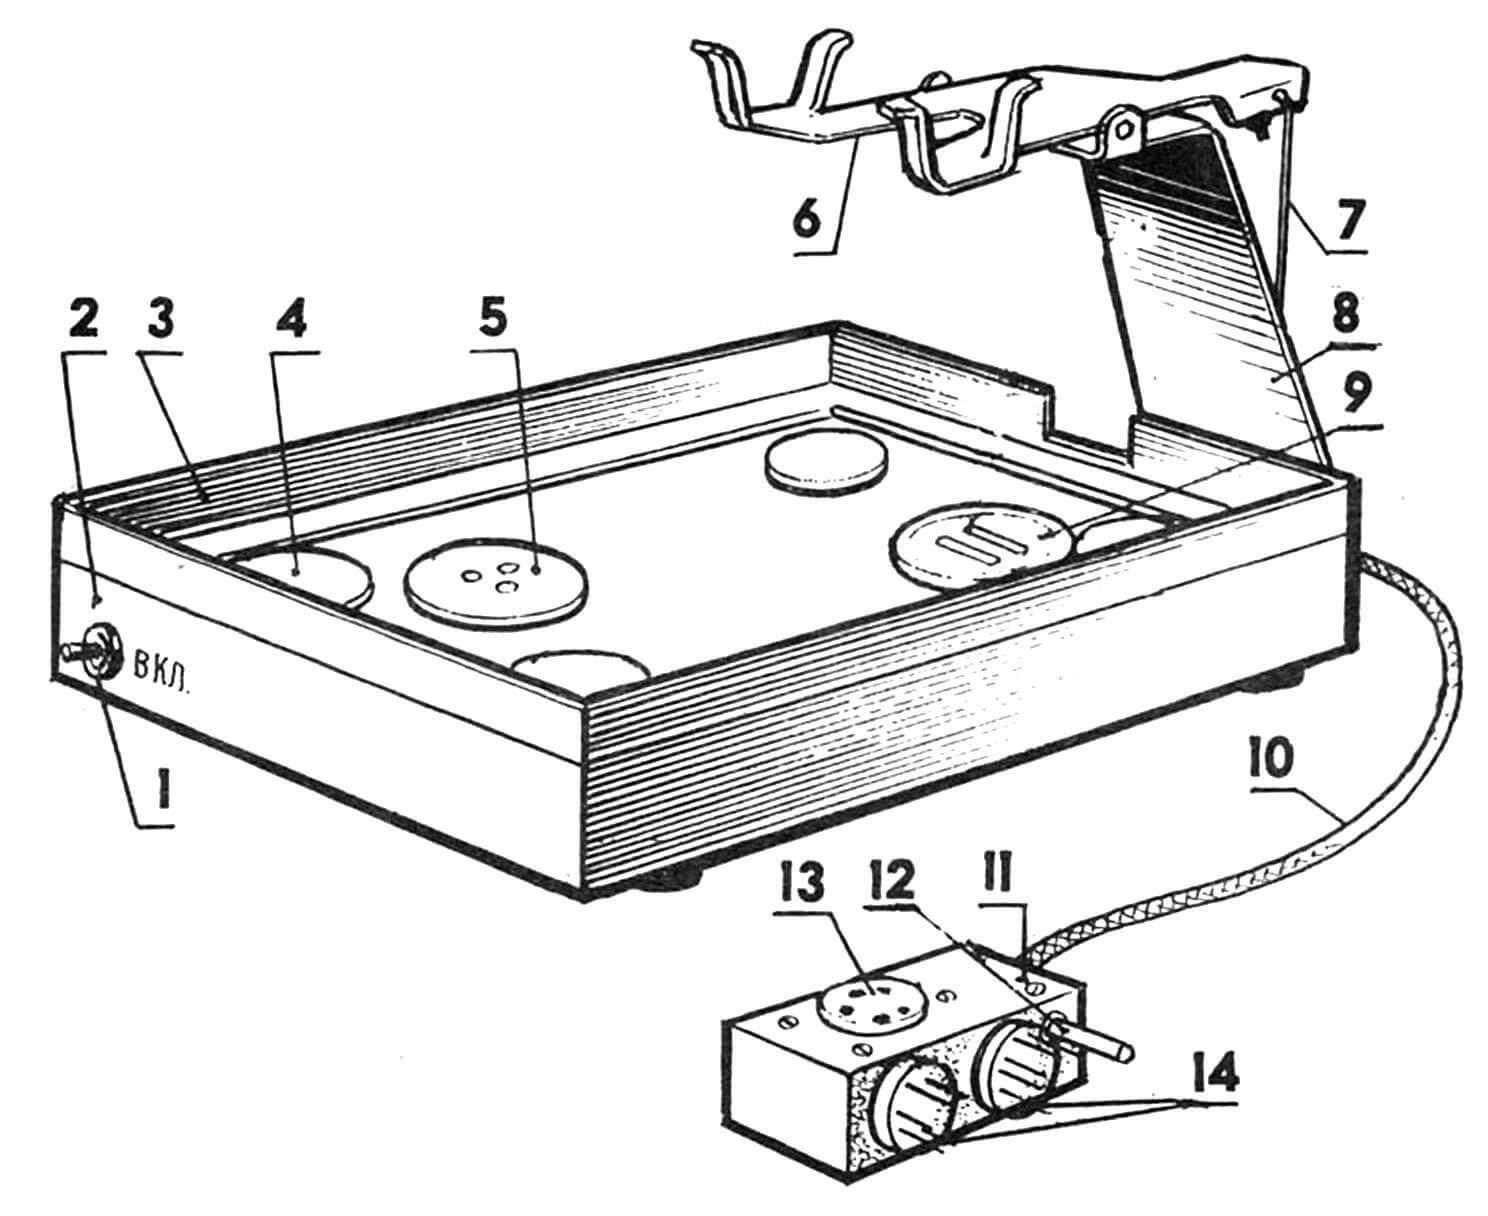 Конструкция платформы-основания с расположением основных узлов и деталей: 1 — тумблер включения, 2 — корпус (1-мм лист АМГ6БМ размером 205x156x57), 3 — окантовка (алюминиевый уголок 20x10 мм), 4 — прокладка (фетр 25x3 мм, 4 шт.), 5 — микрофон-датчик звукового реле (капсюль от головных телефонов ТОН-2 или ТА-56), 6 — рычаг (U2 мм СтЗ), 7 — тяга (ОВС 0,7 мм), 8 — 150-мм кронштейн (1н-2 мм СтЗ), 9 — микрофон-датчик для записи речи абонента (капсюль от головных телефонов ТОН-2 или ТА-56 без мембраны и крышки), 10 — кабель многожильный телефонный, 11 — корпус разъема Х2 (0,5-мм АМГ6БМ размером 25x65x30 мм), 12 — штекер питания (для подключения к гнезду ГН-1 магнитофона), 13 — розетка СГ5 разъема XI (для подключения приставки с кассетой формализованного ответа), 14 — вставка СШ5 (от разъемов Ш1 и Ш2 «Легенды-404») для подключения к магнитофону разъема Х2.